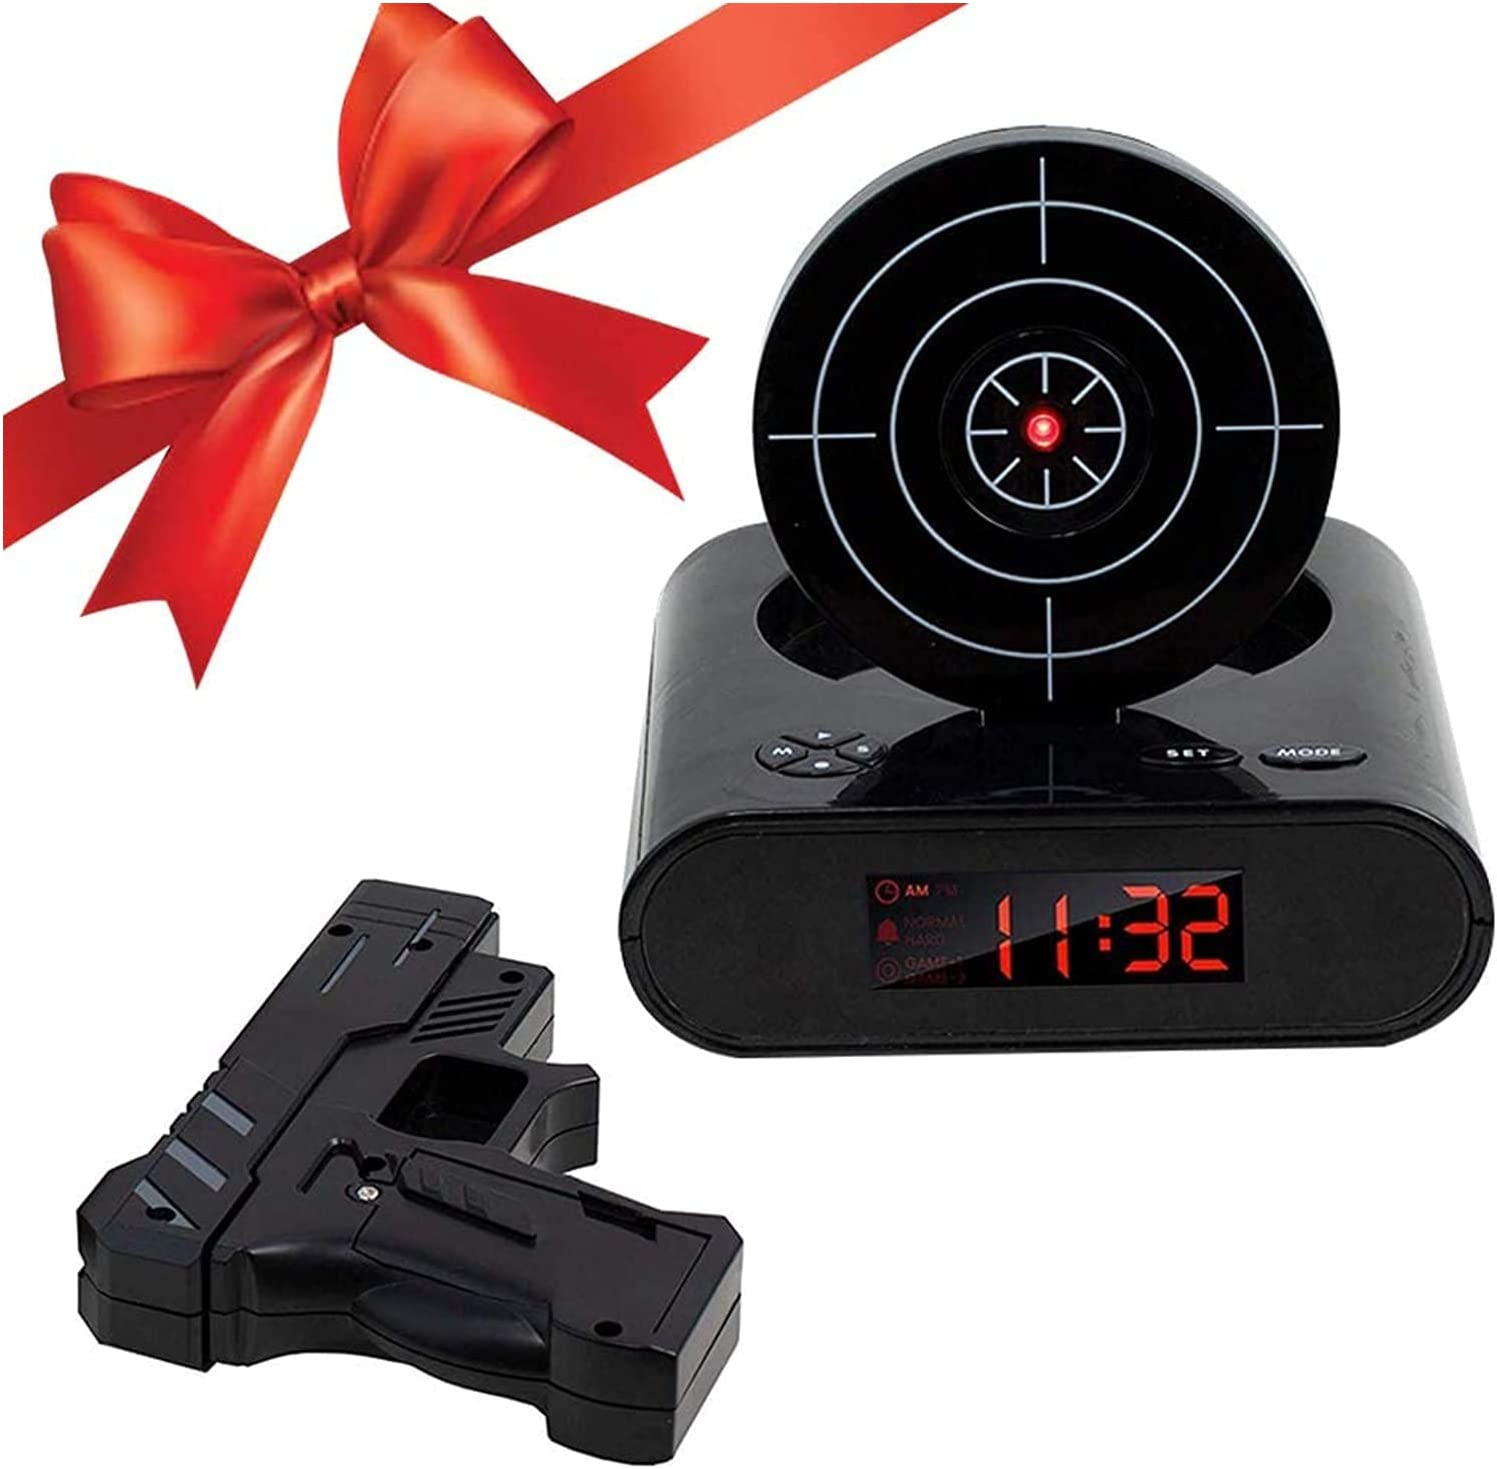 TXXM Revestimiento de Alarma de Destino de la Novedad, Reloj de Disparo de Infrarrojos de Infrarrojos de Infrarrojos con Pistola Ajustable para niños y Adultos, Regalo de Juguete